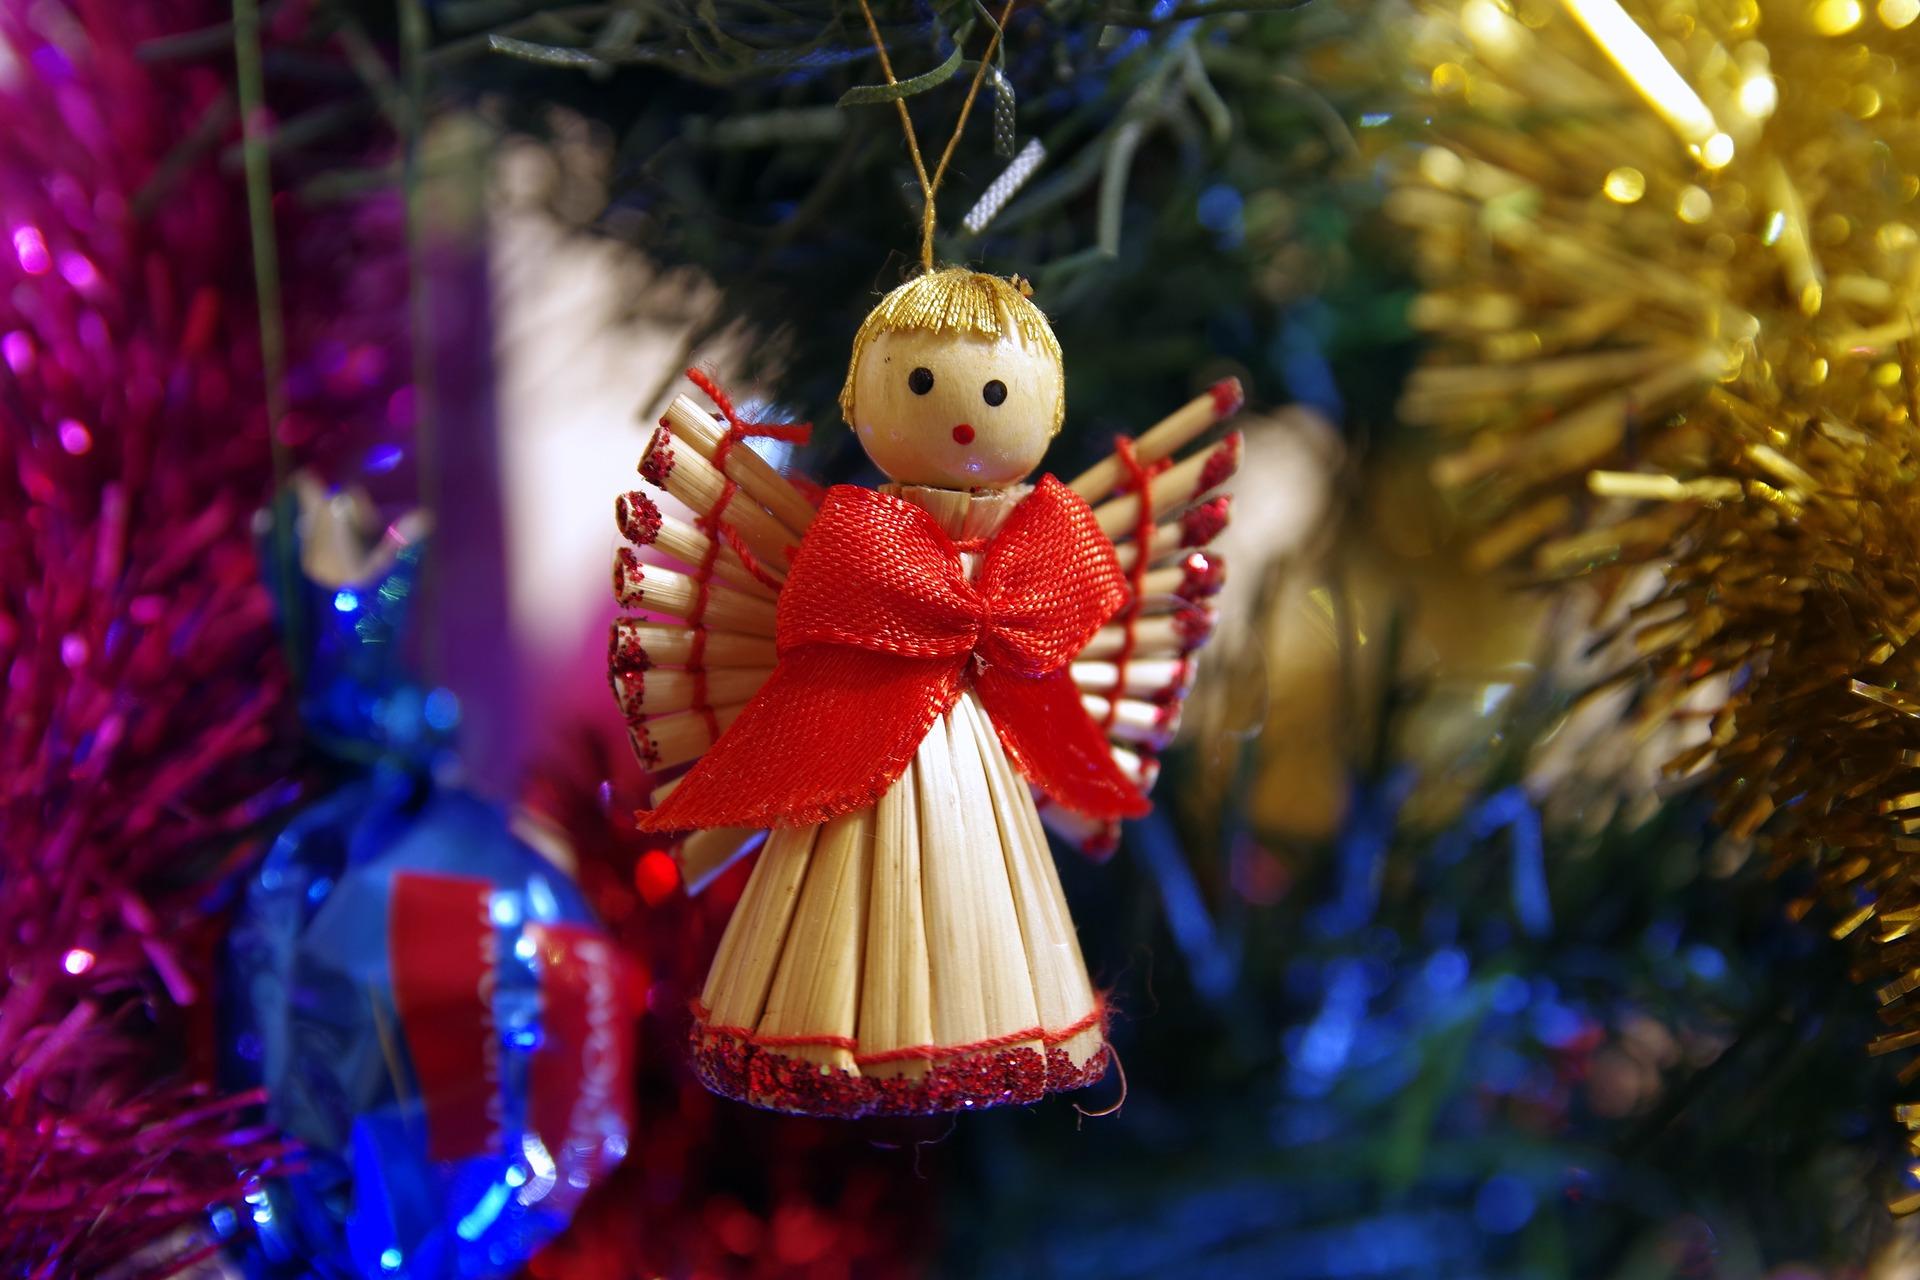 Powiatowy Konkurs na Ludowe Ozdoby Bożonarodzeniowe i Akcesoria Kolędnicze. Zgłoszenia trwają do 10 grudnia  - Zdjęcie główne